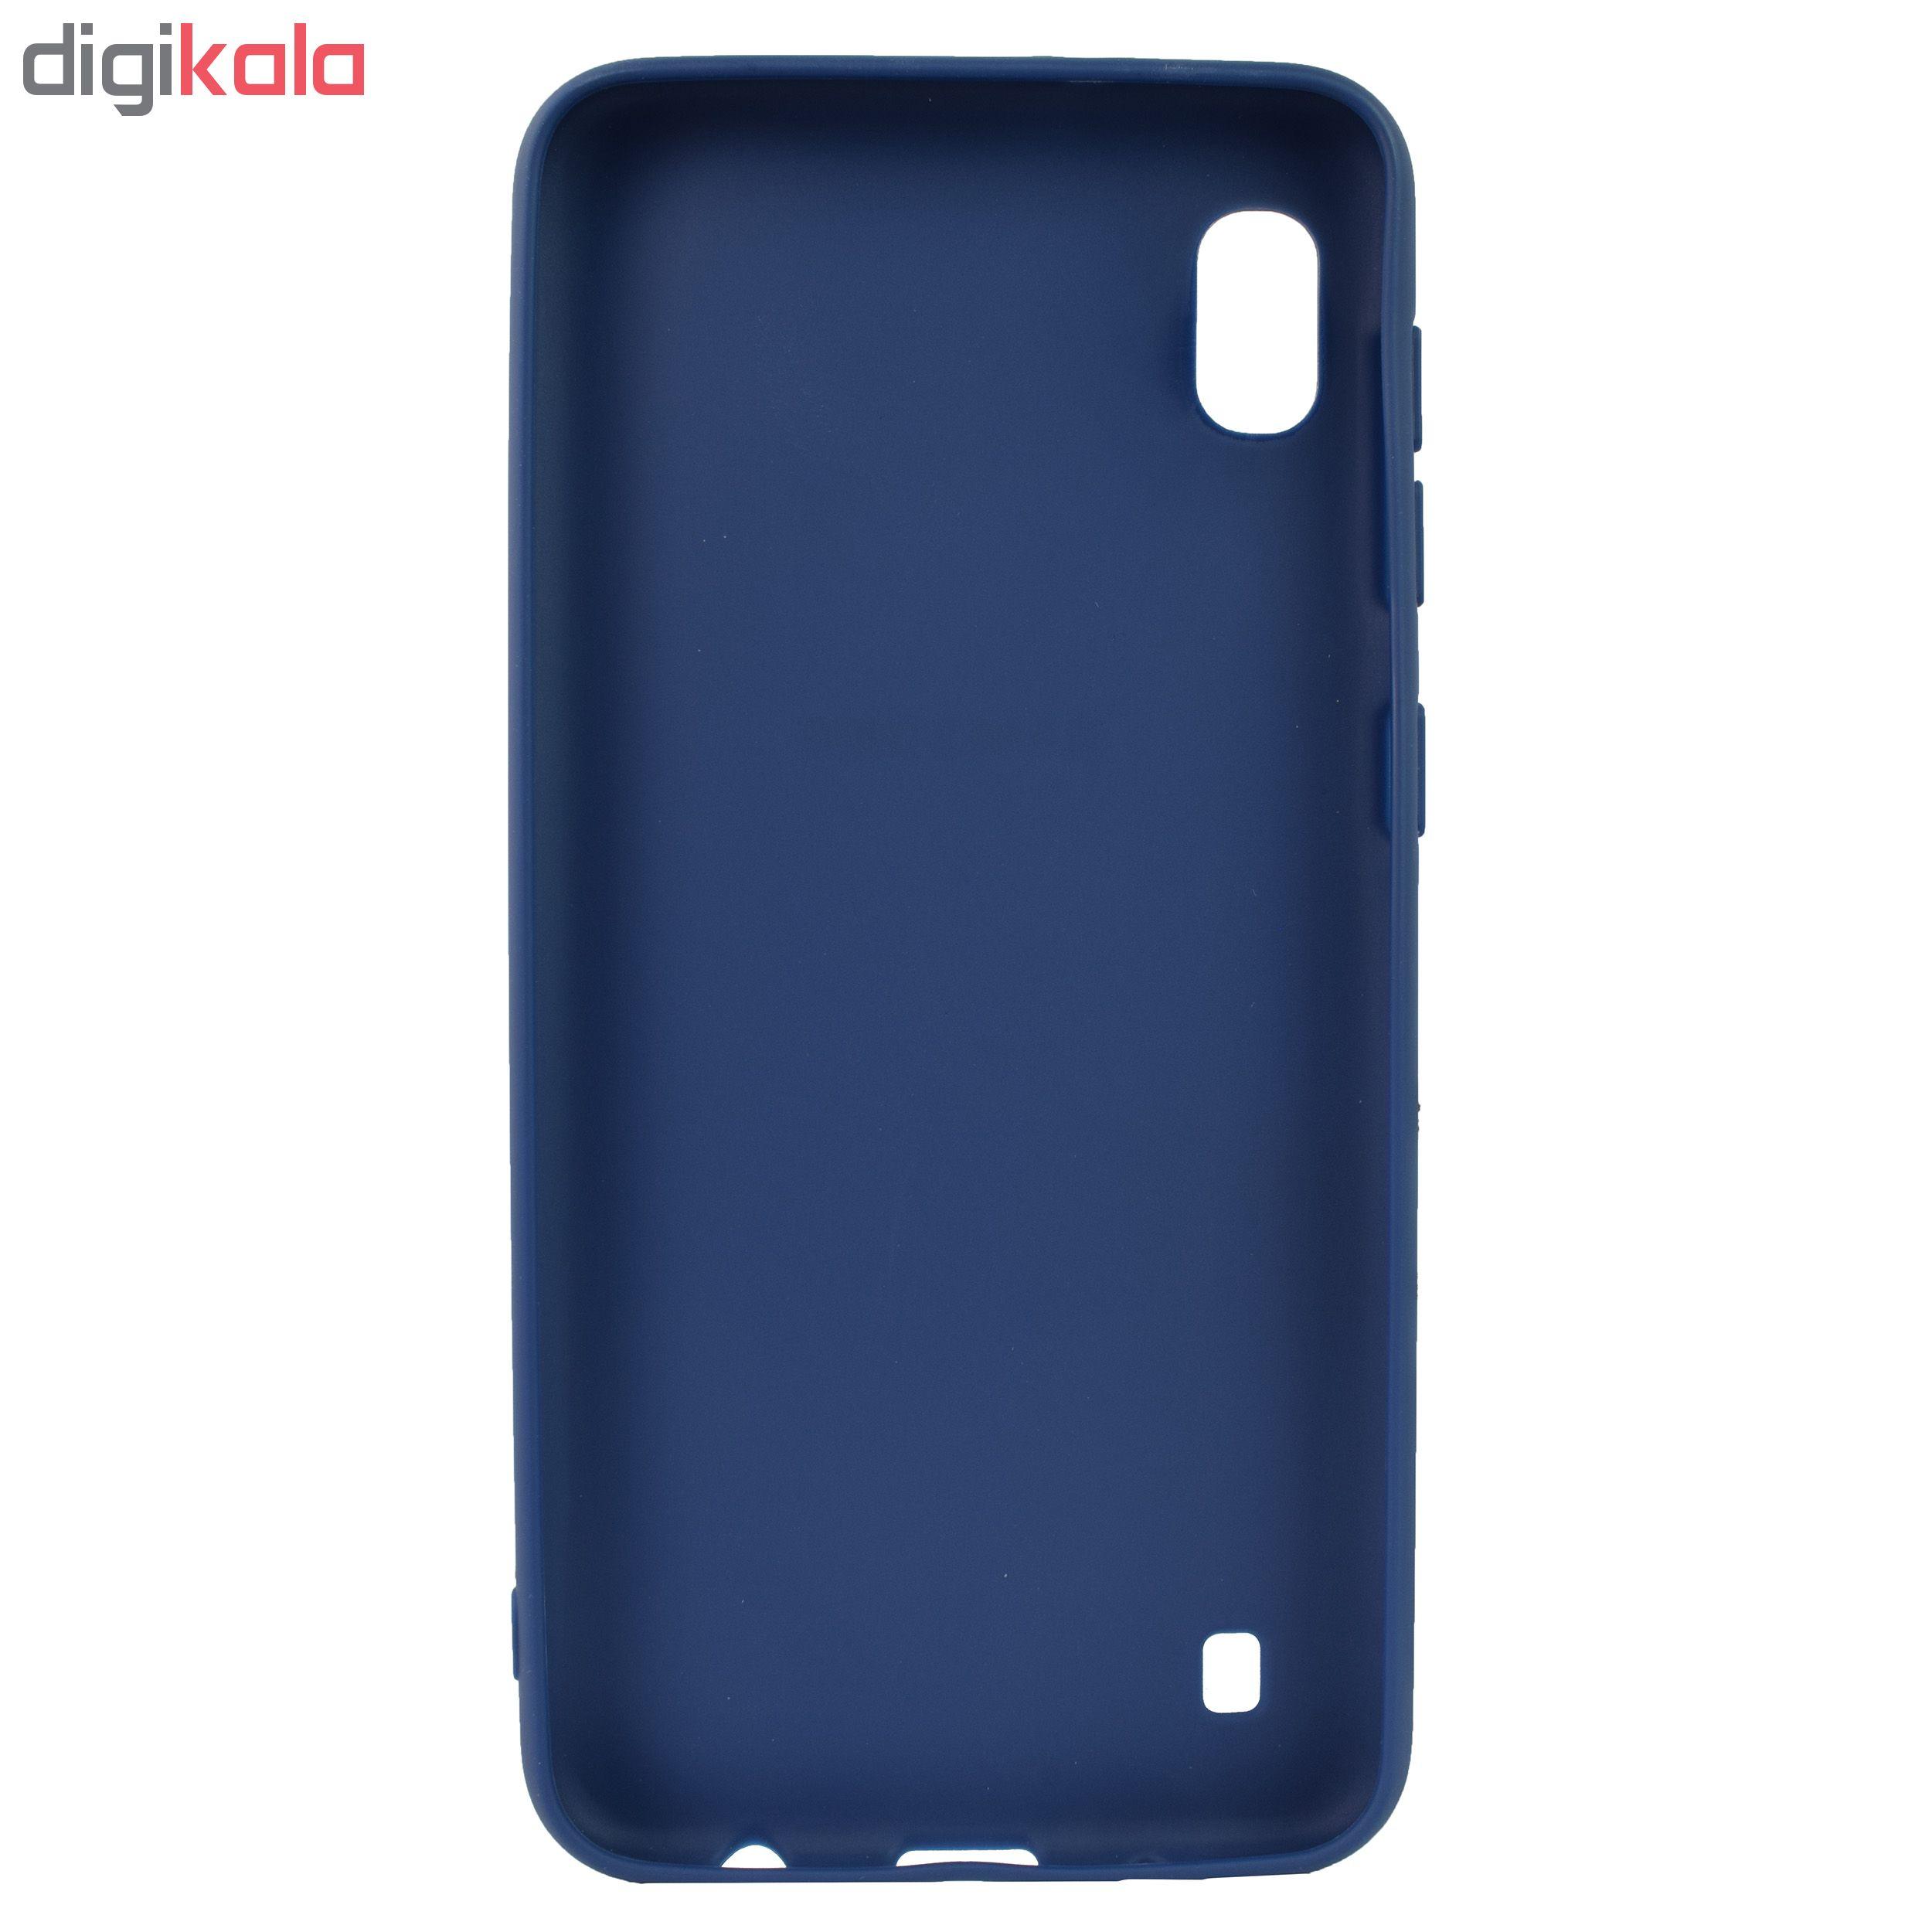 کاور مدل Sicomi مناسب برای گوشی موبایل سامسونگ Galaxy A10 main 1 9